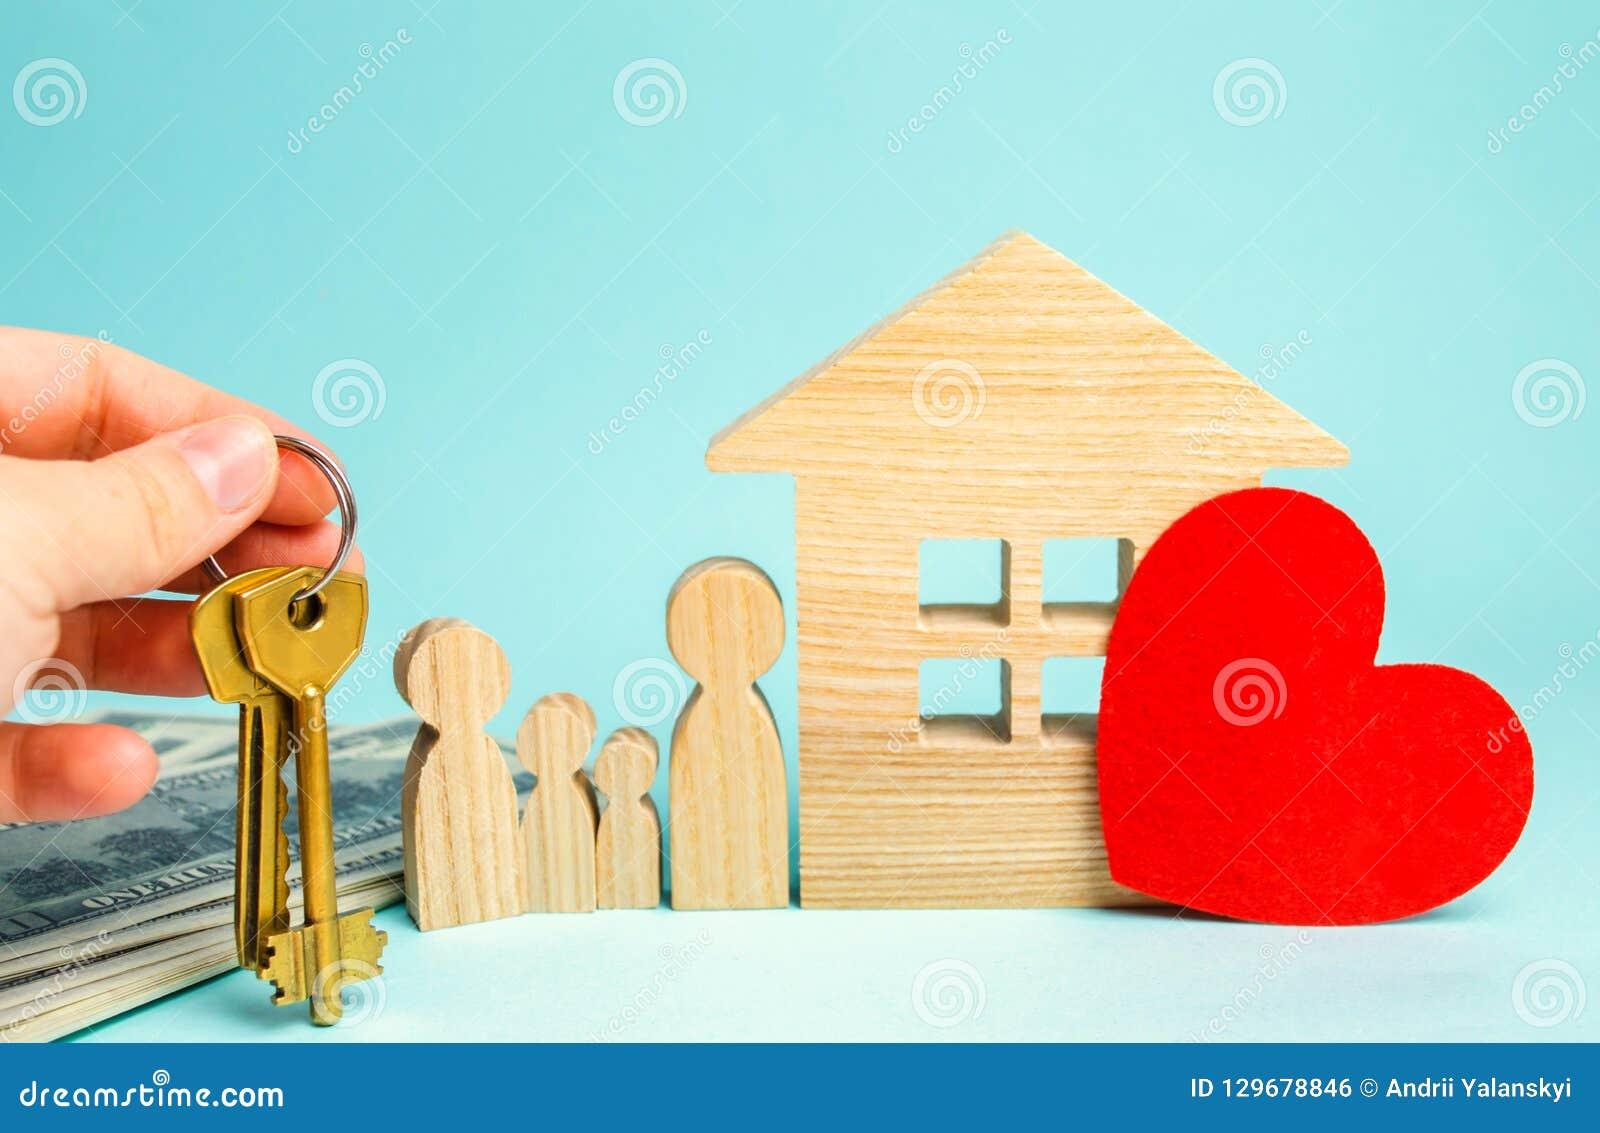 De familie bevindt zich dichtbij het huis Betaalbare huisvesting Concept 6 van onroerende goederen Kopende en verkopende huizen H